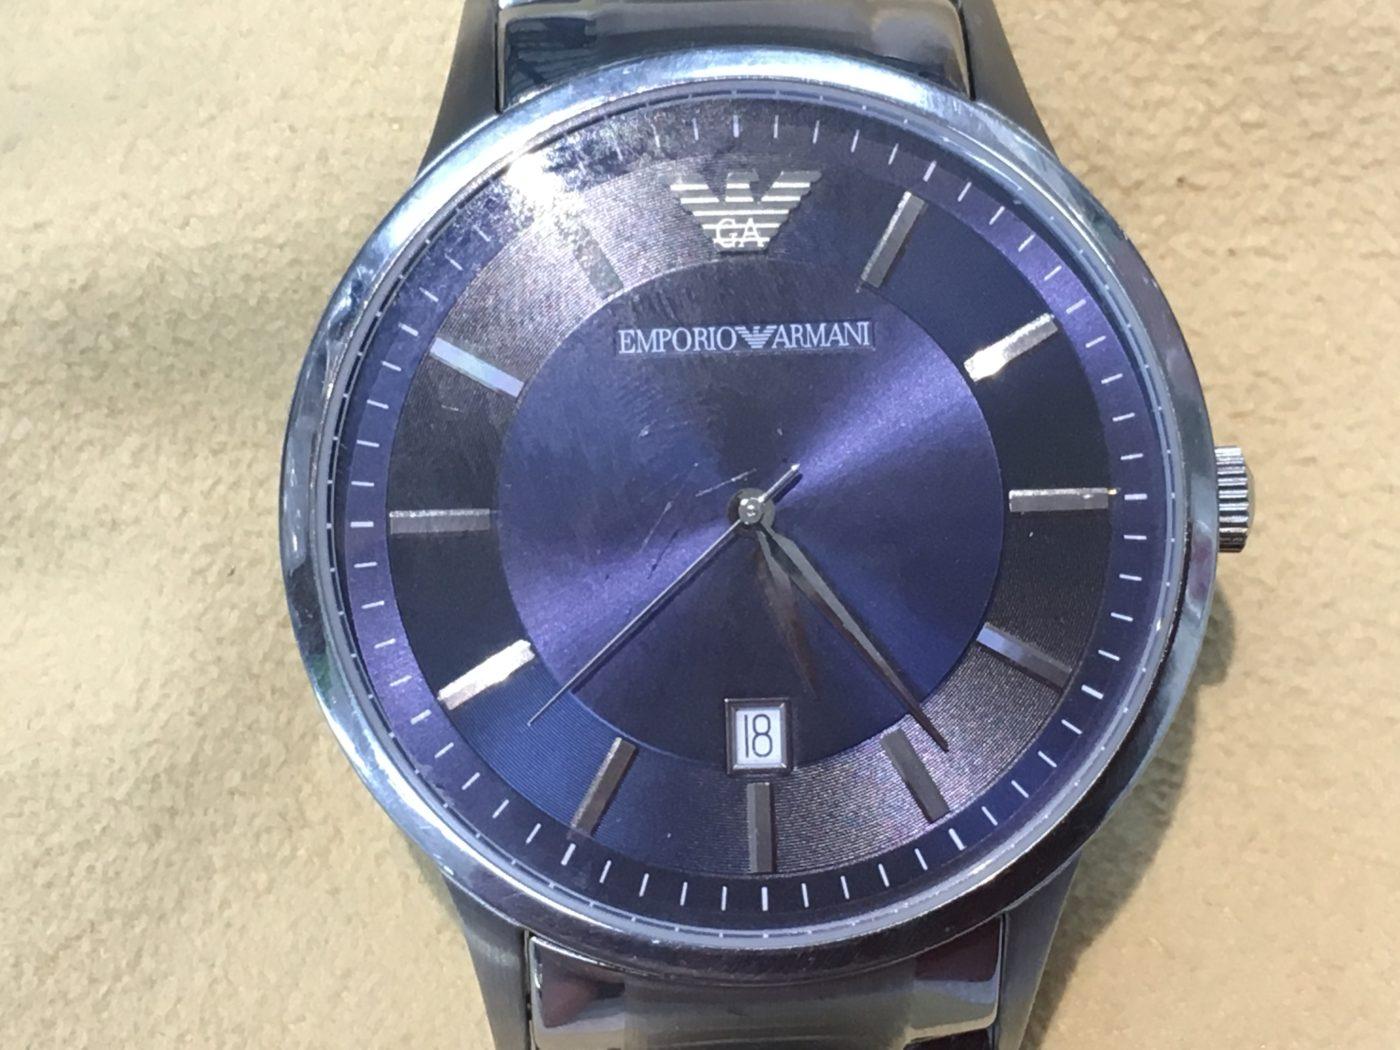 Eアルマーニ 腕時計 電池交換 オプトナカムラ